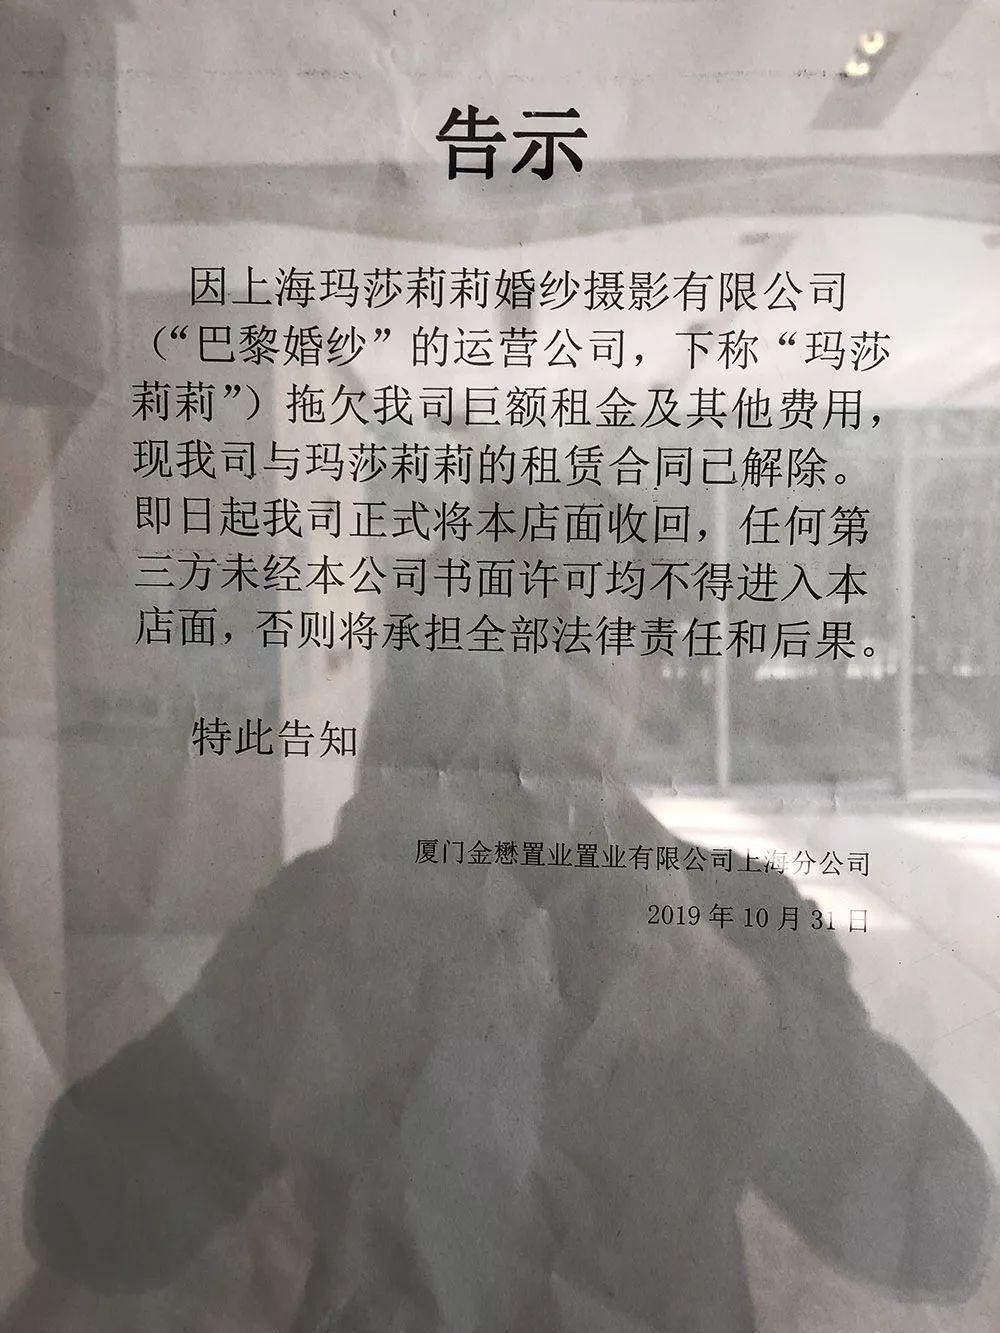 大渡河路門店關了門後,門口張貼著大樓物業公司收回店面的告示。圖/上觀新聞